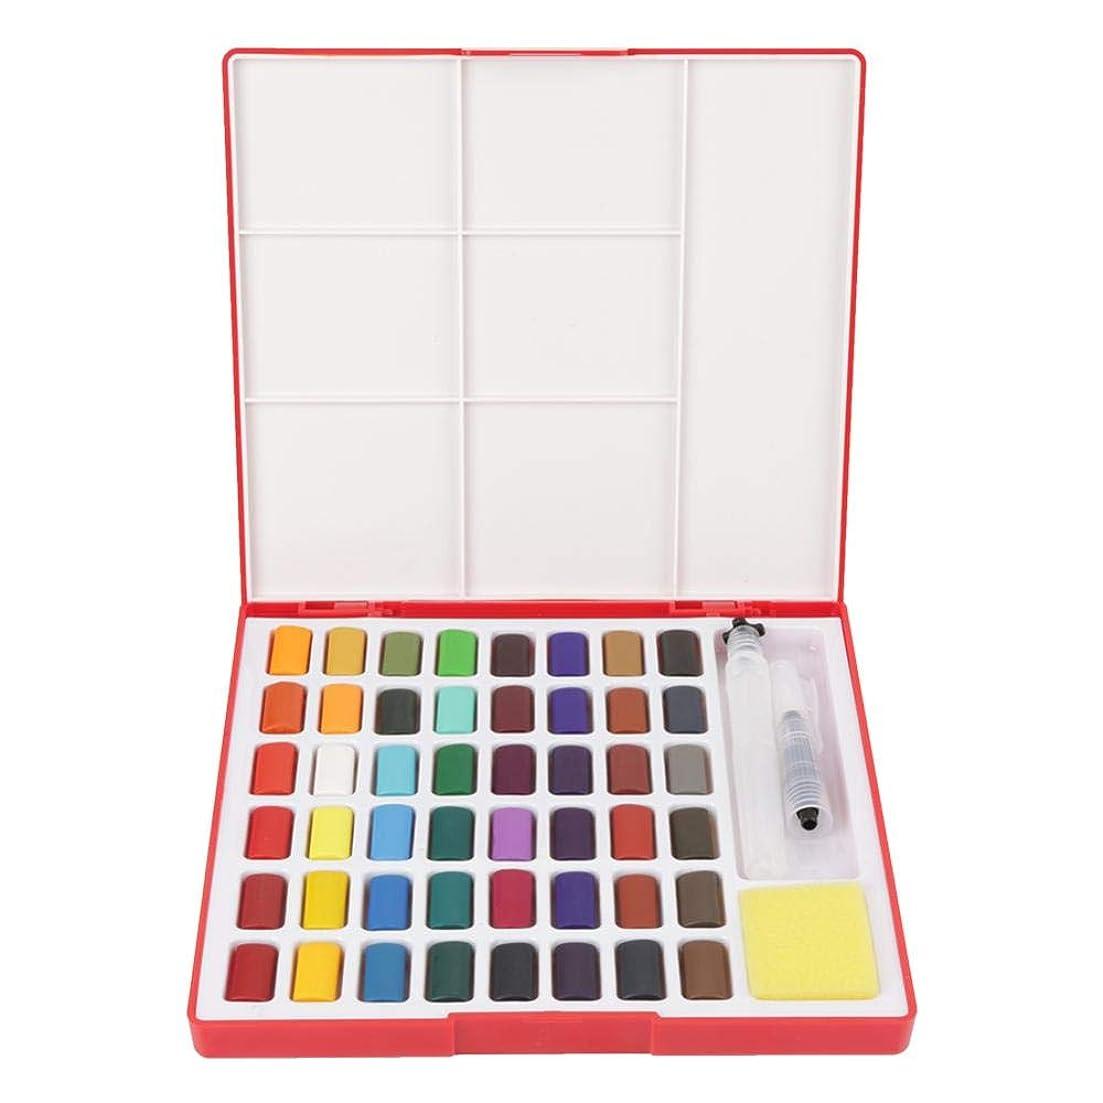 だらしない階段ルール水彩絵の具、プラスチックペイントブラシ付き48色ソリッド描画顔料